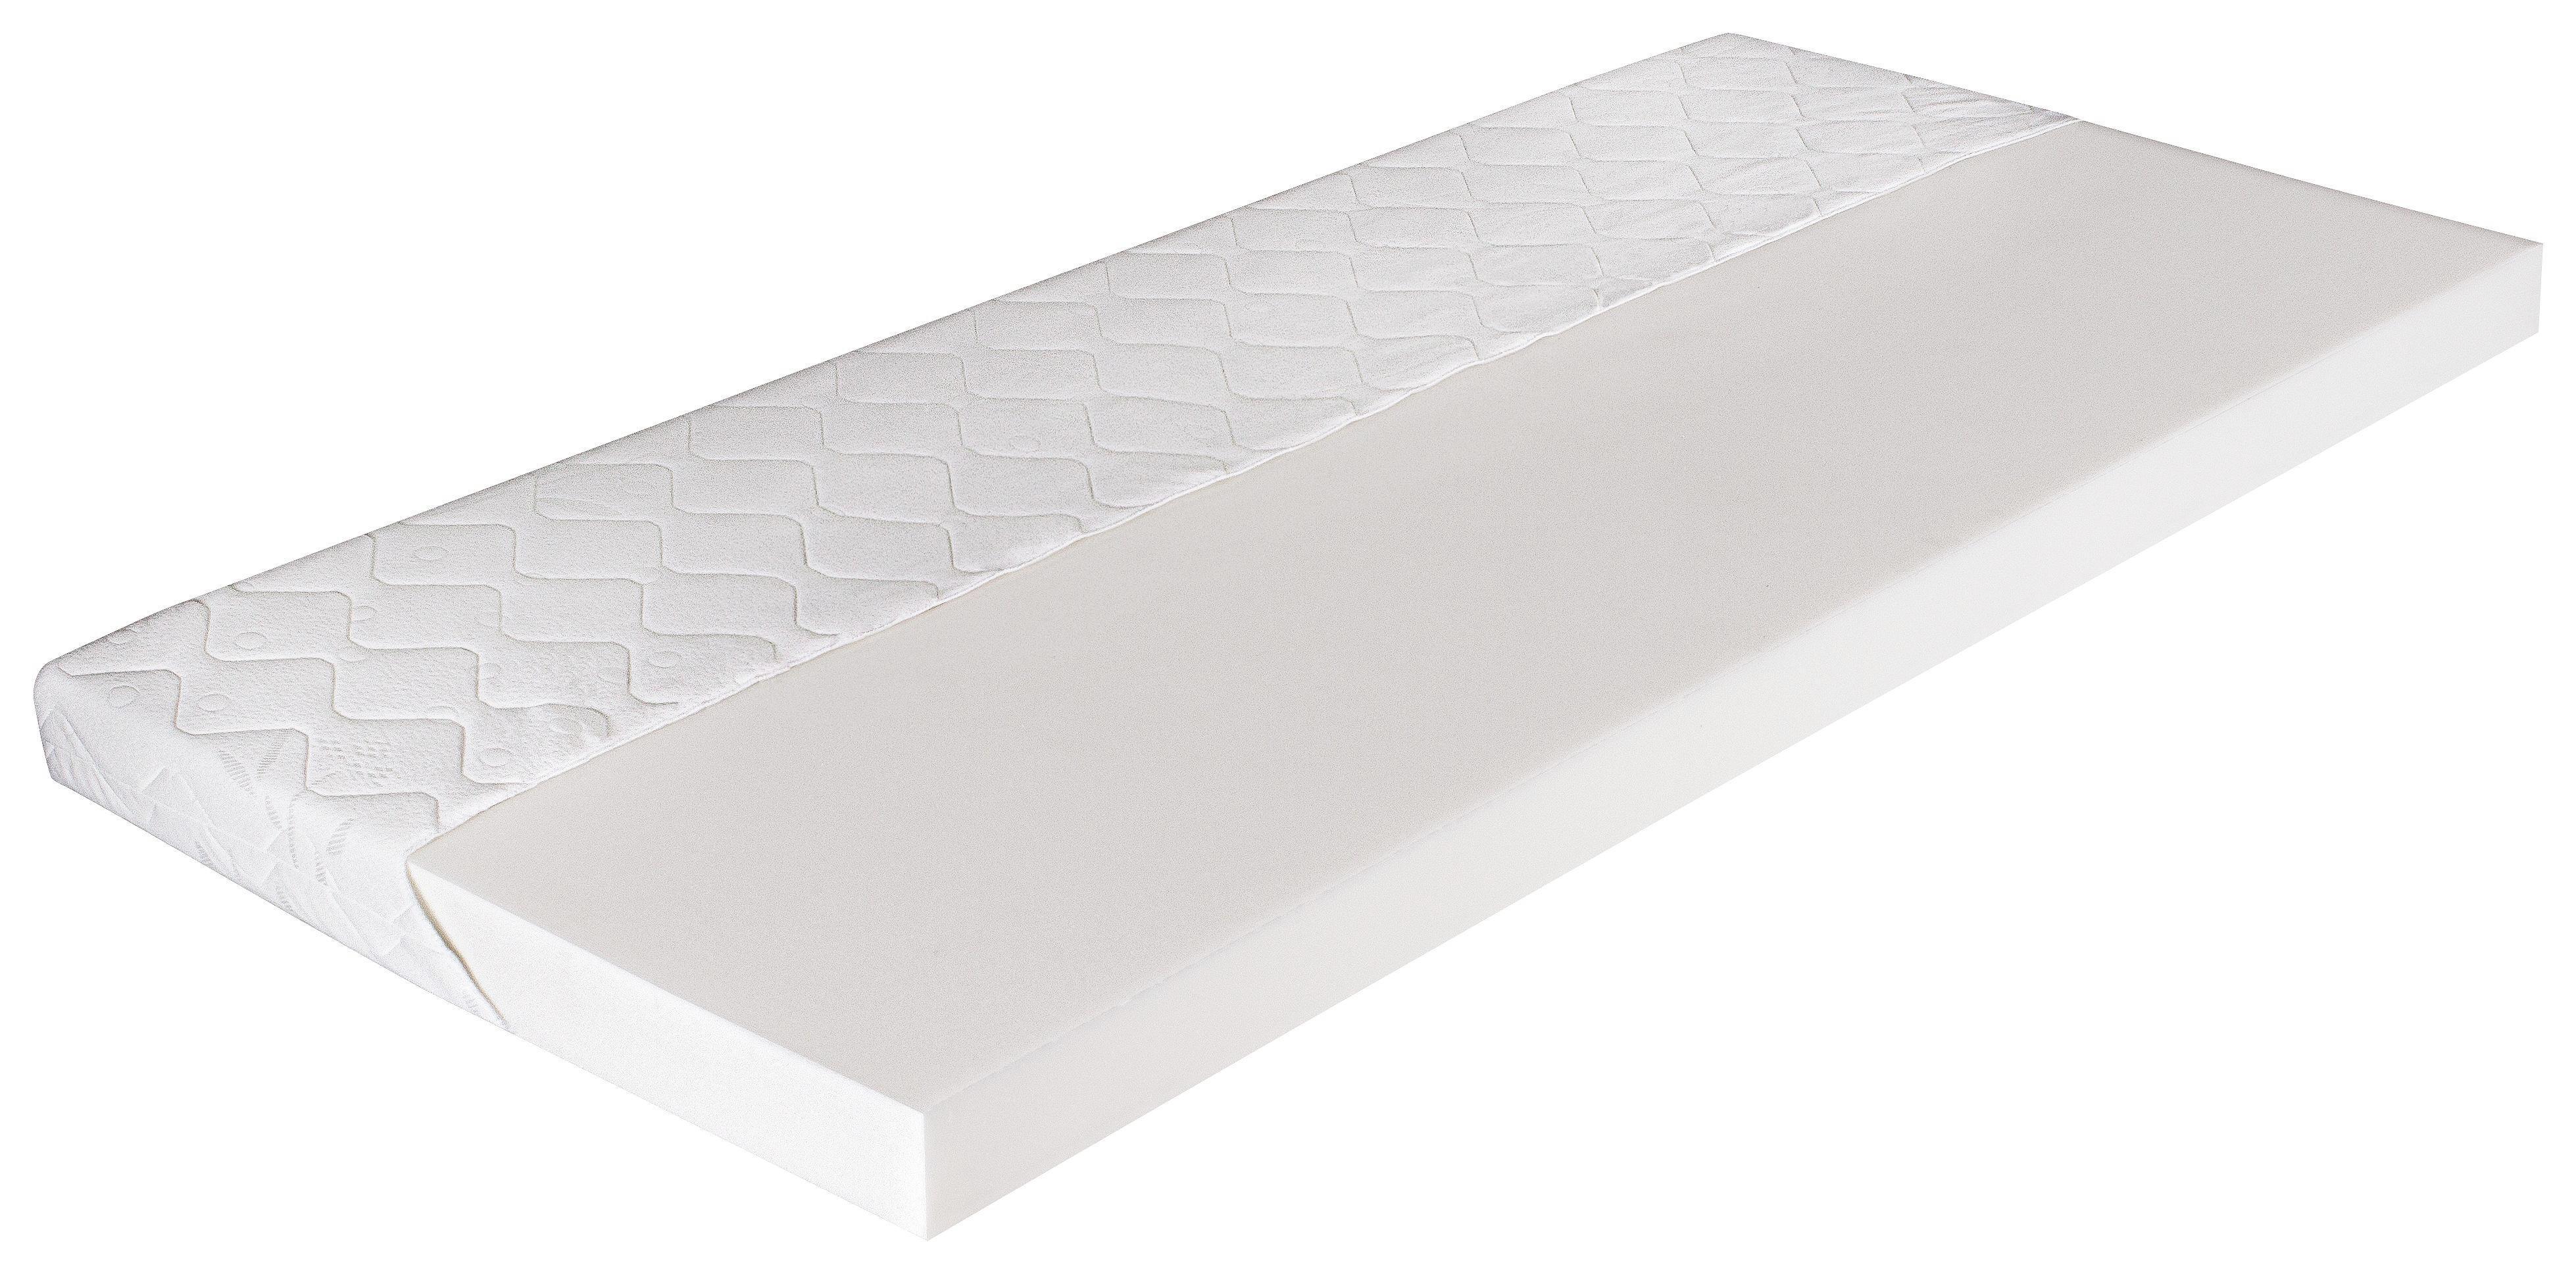 Matrace Viva Easy - bílá/šedá, textil (200/90/10cm)